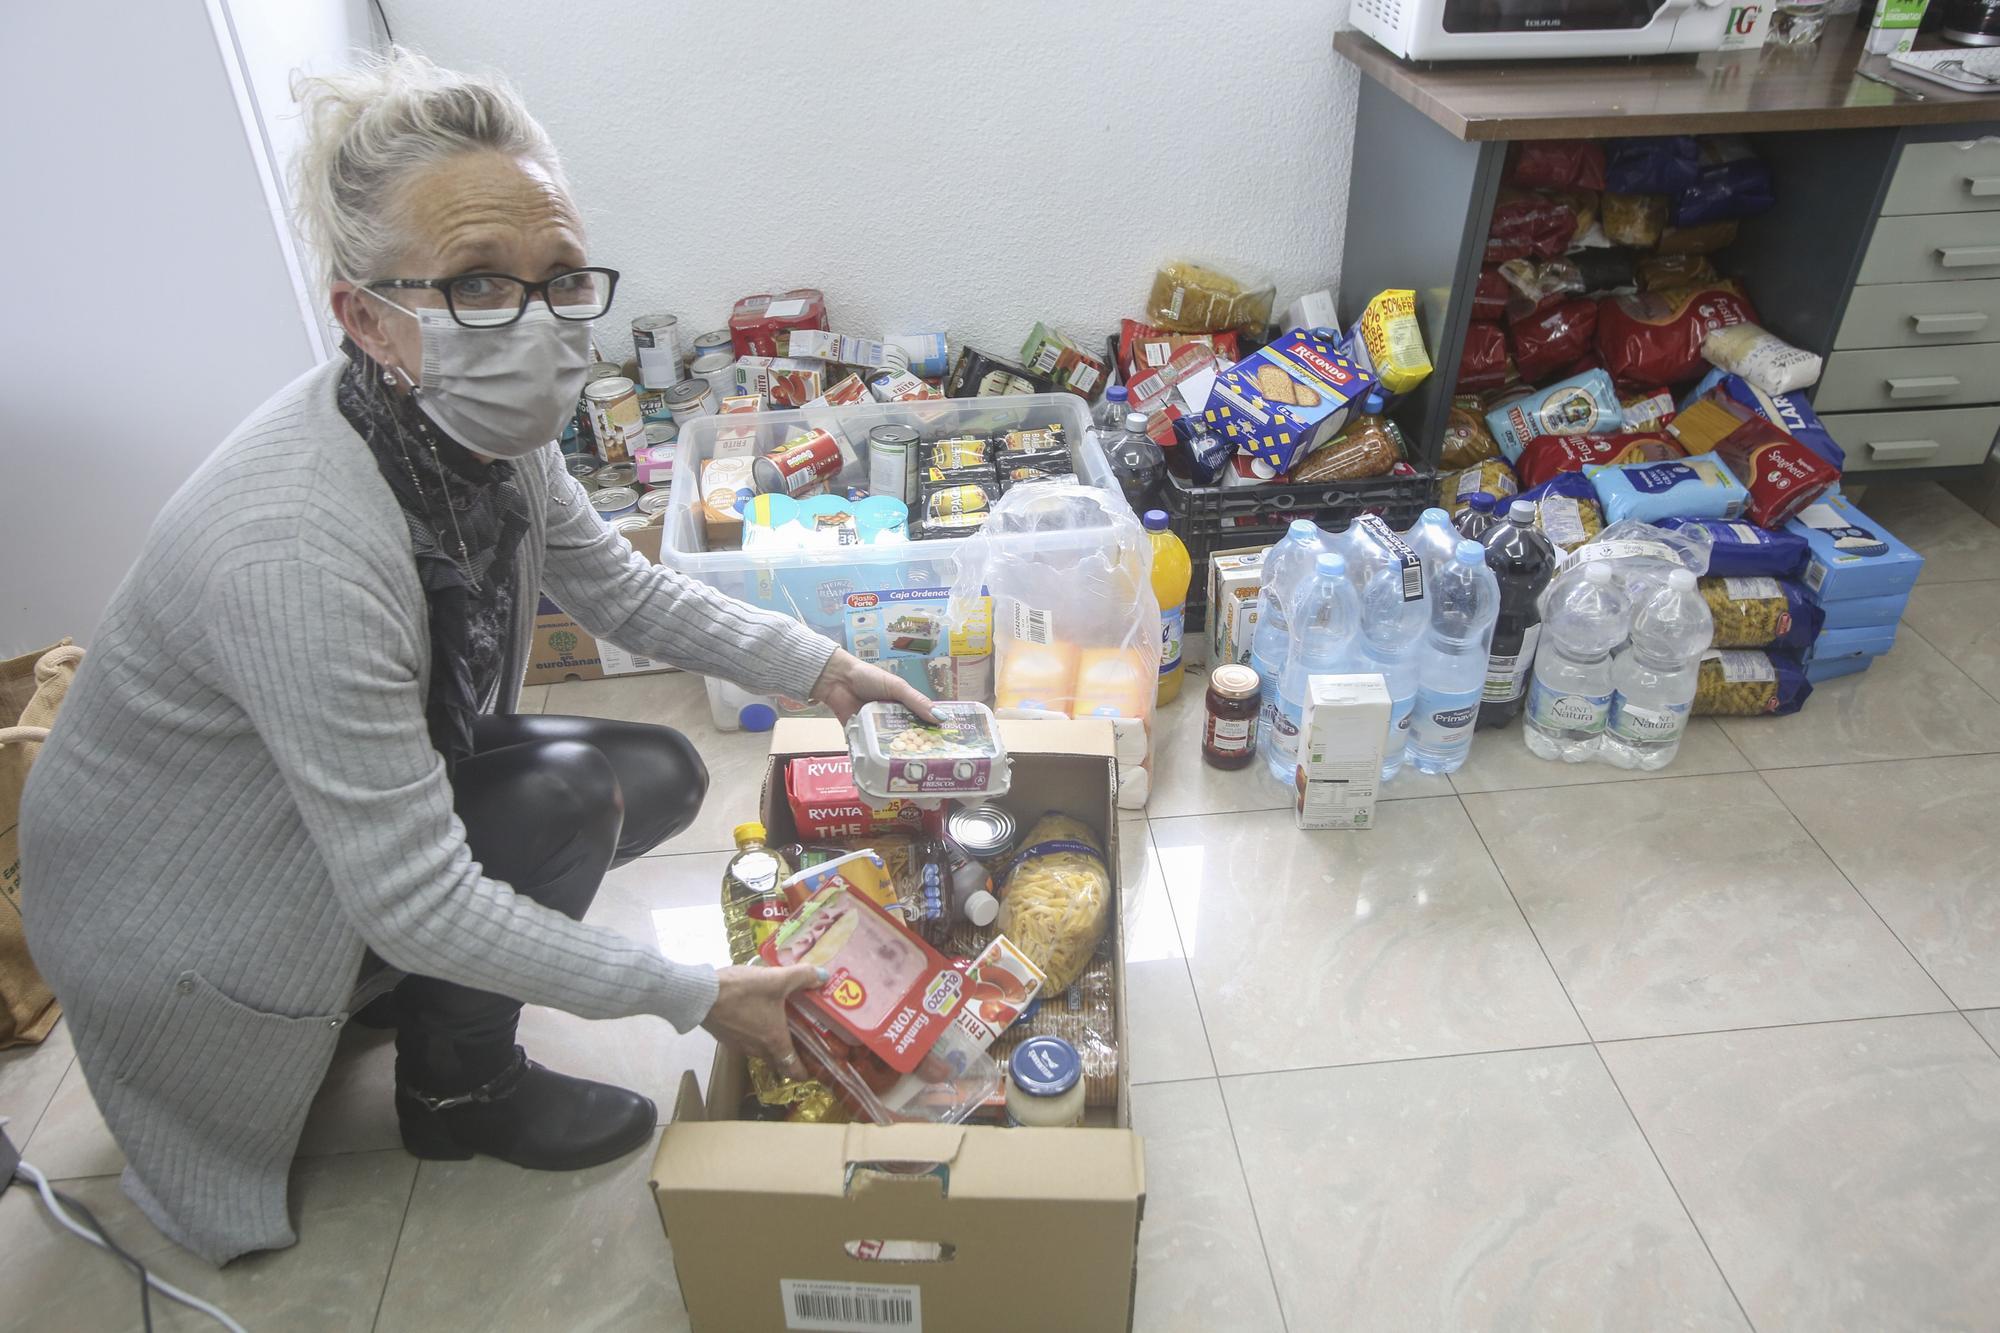 La crisis sanitaria incrementa la repatriación de familias inglesas de Benidorm sin recursos